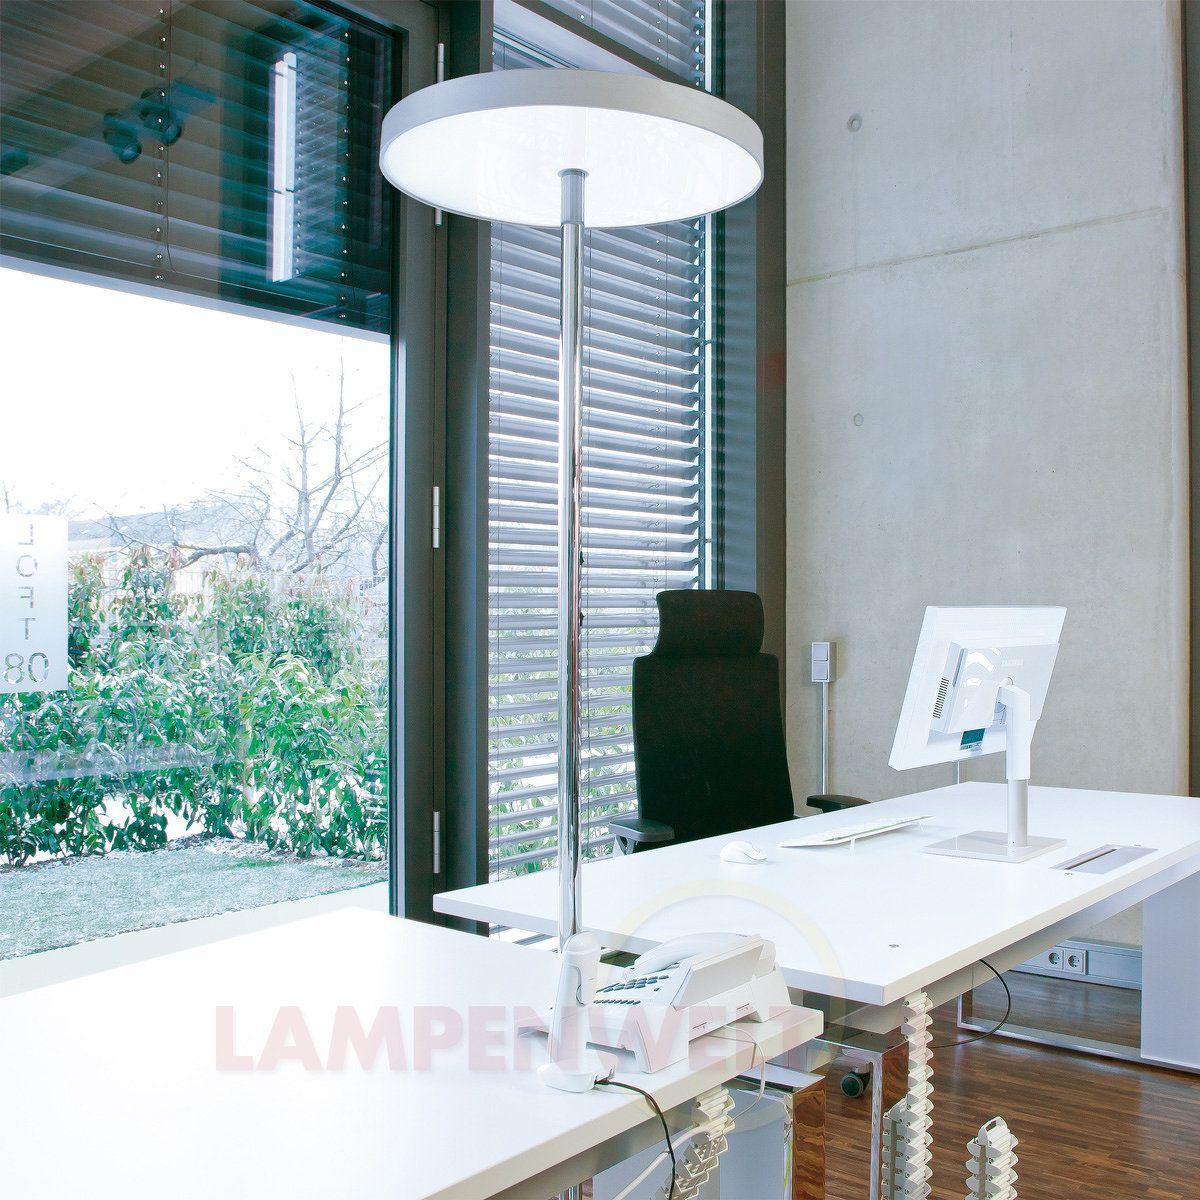 Beleuchtung Im Buro Auf Die Futuristische Art Diese Stehleuchte Gibt 9 100 Lumen Lichtstrom Ab Und Sagt Damit Kopfschmerzen Licht Und Architektur Lampen Und Leuchten Und Burobeleuchtung